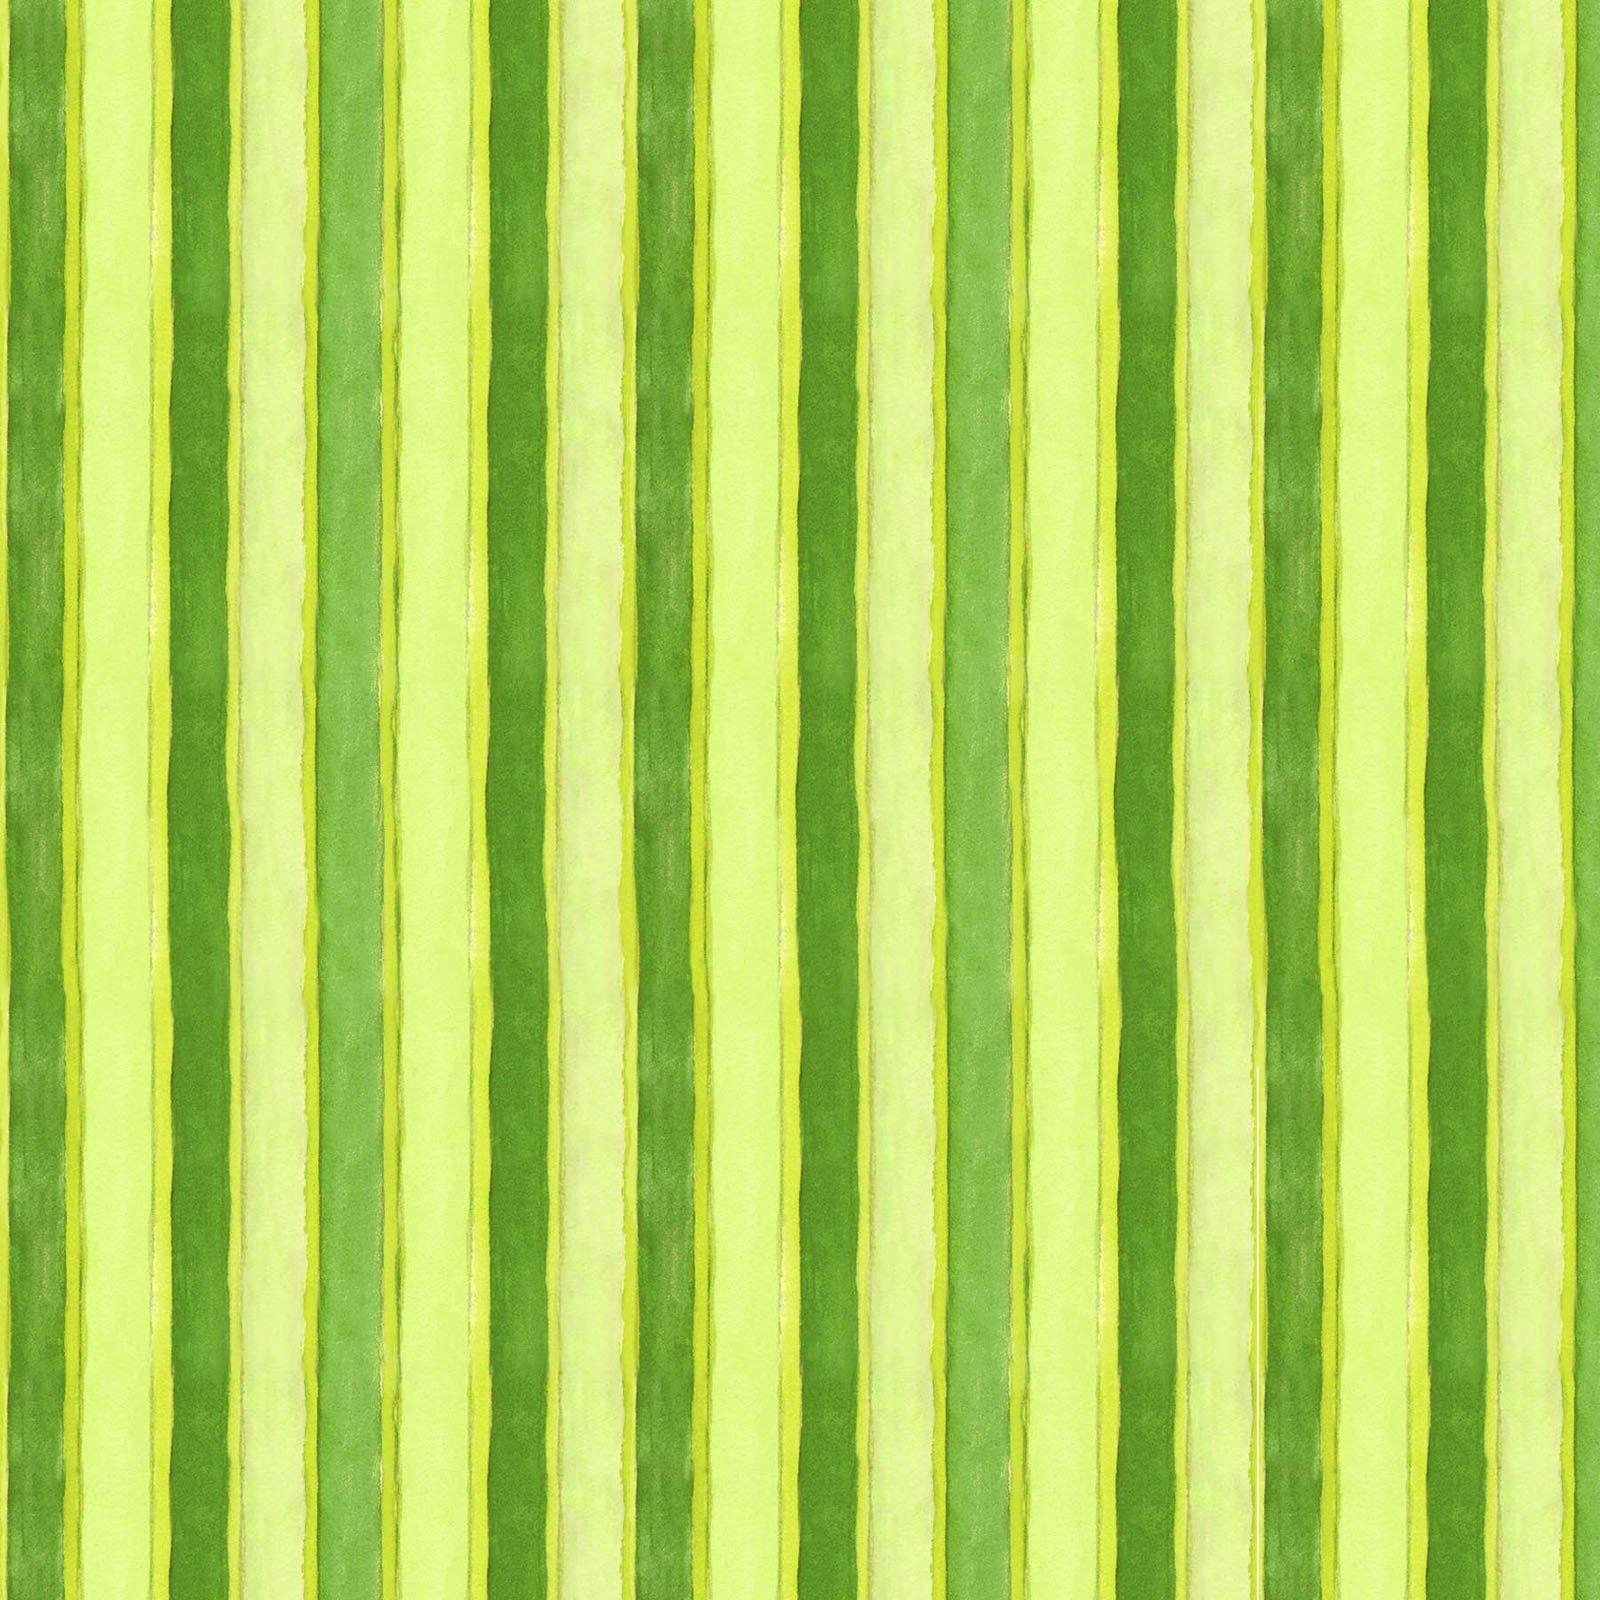 Green Stripe - Masquica by Kathleen Deggendorfer - MASD9205-G